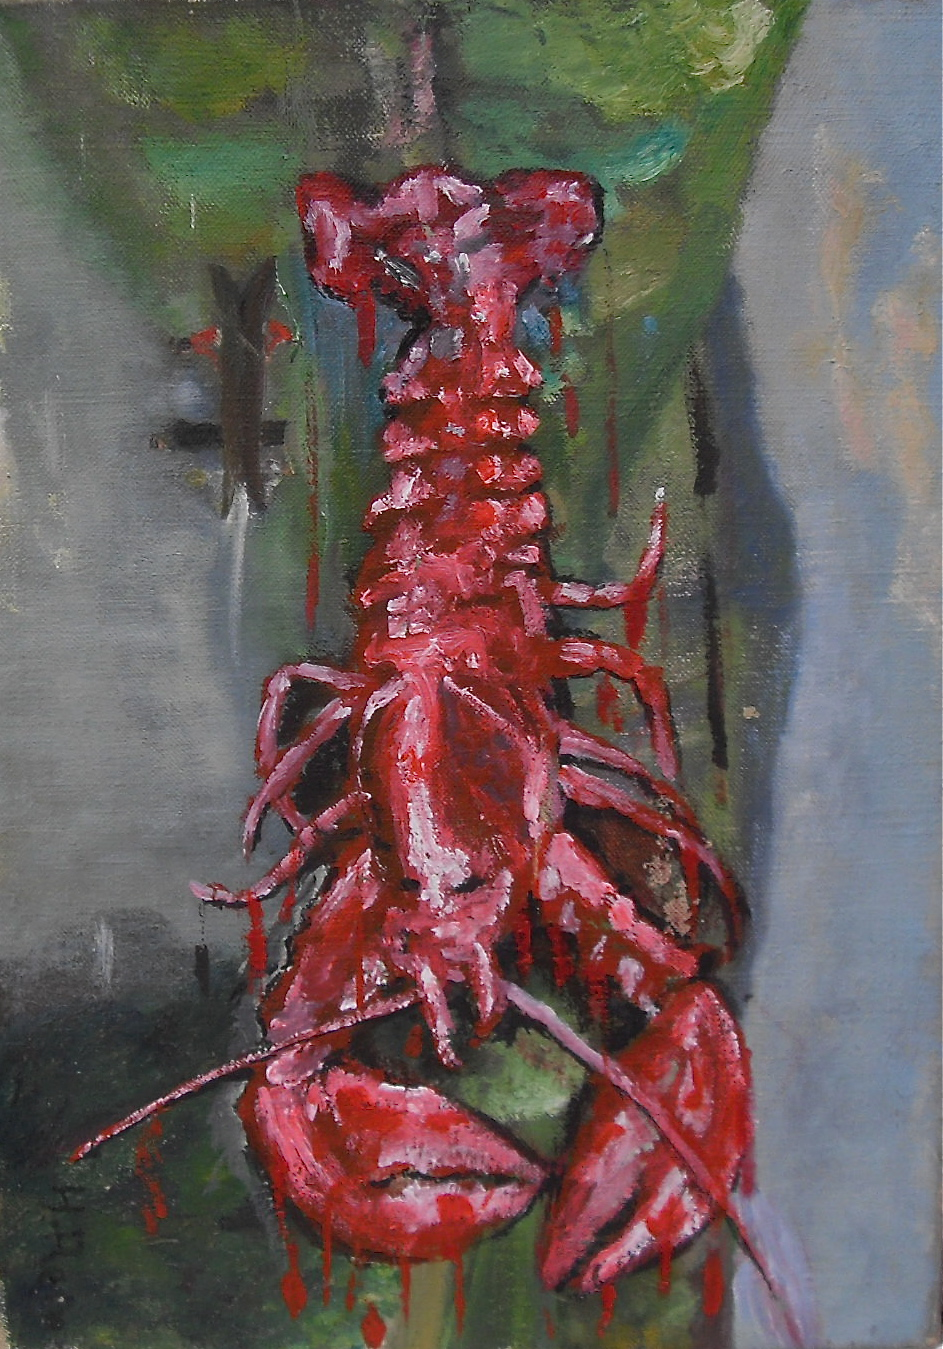 Homard rouge vertical sur paysage horizontal. Fruit de mer sur la terre. Acrylique sur toile/ acrylic on canvas. 46 x 33 cm par Stanmac 2016